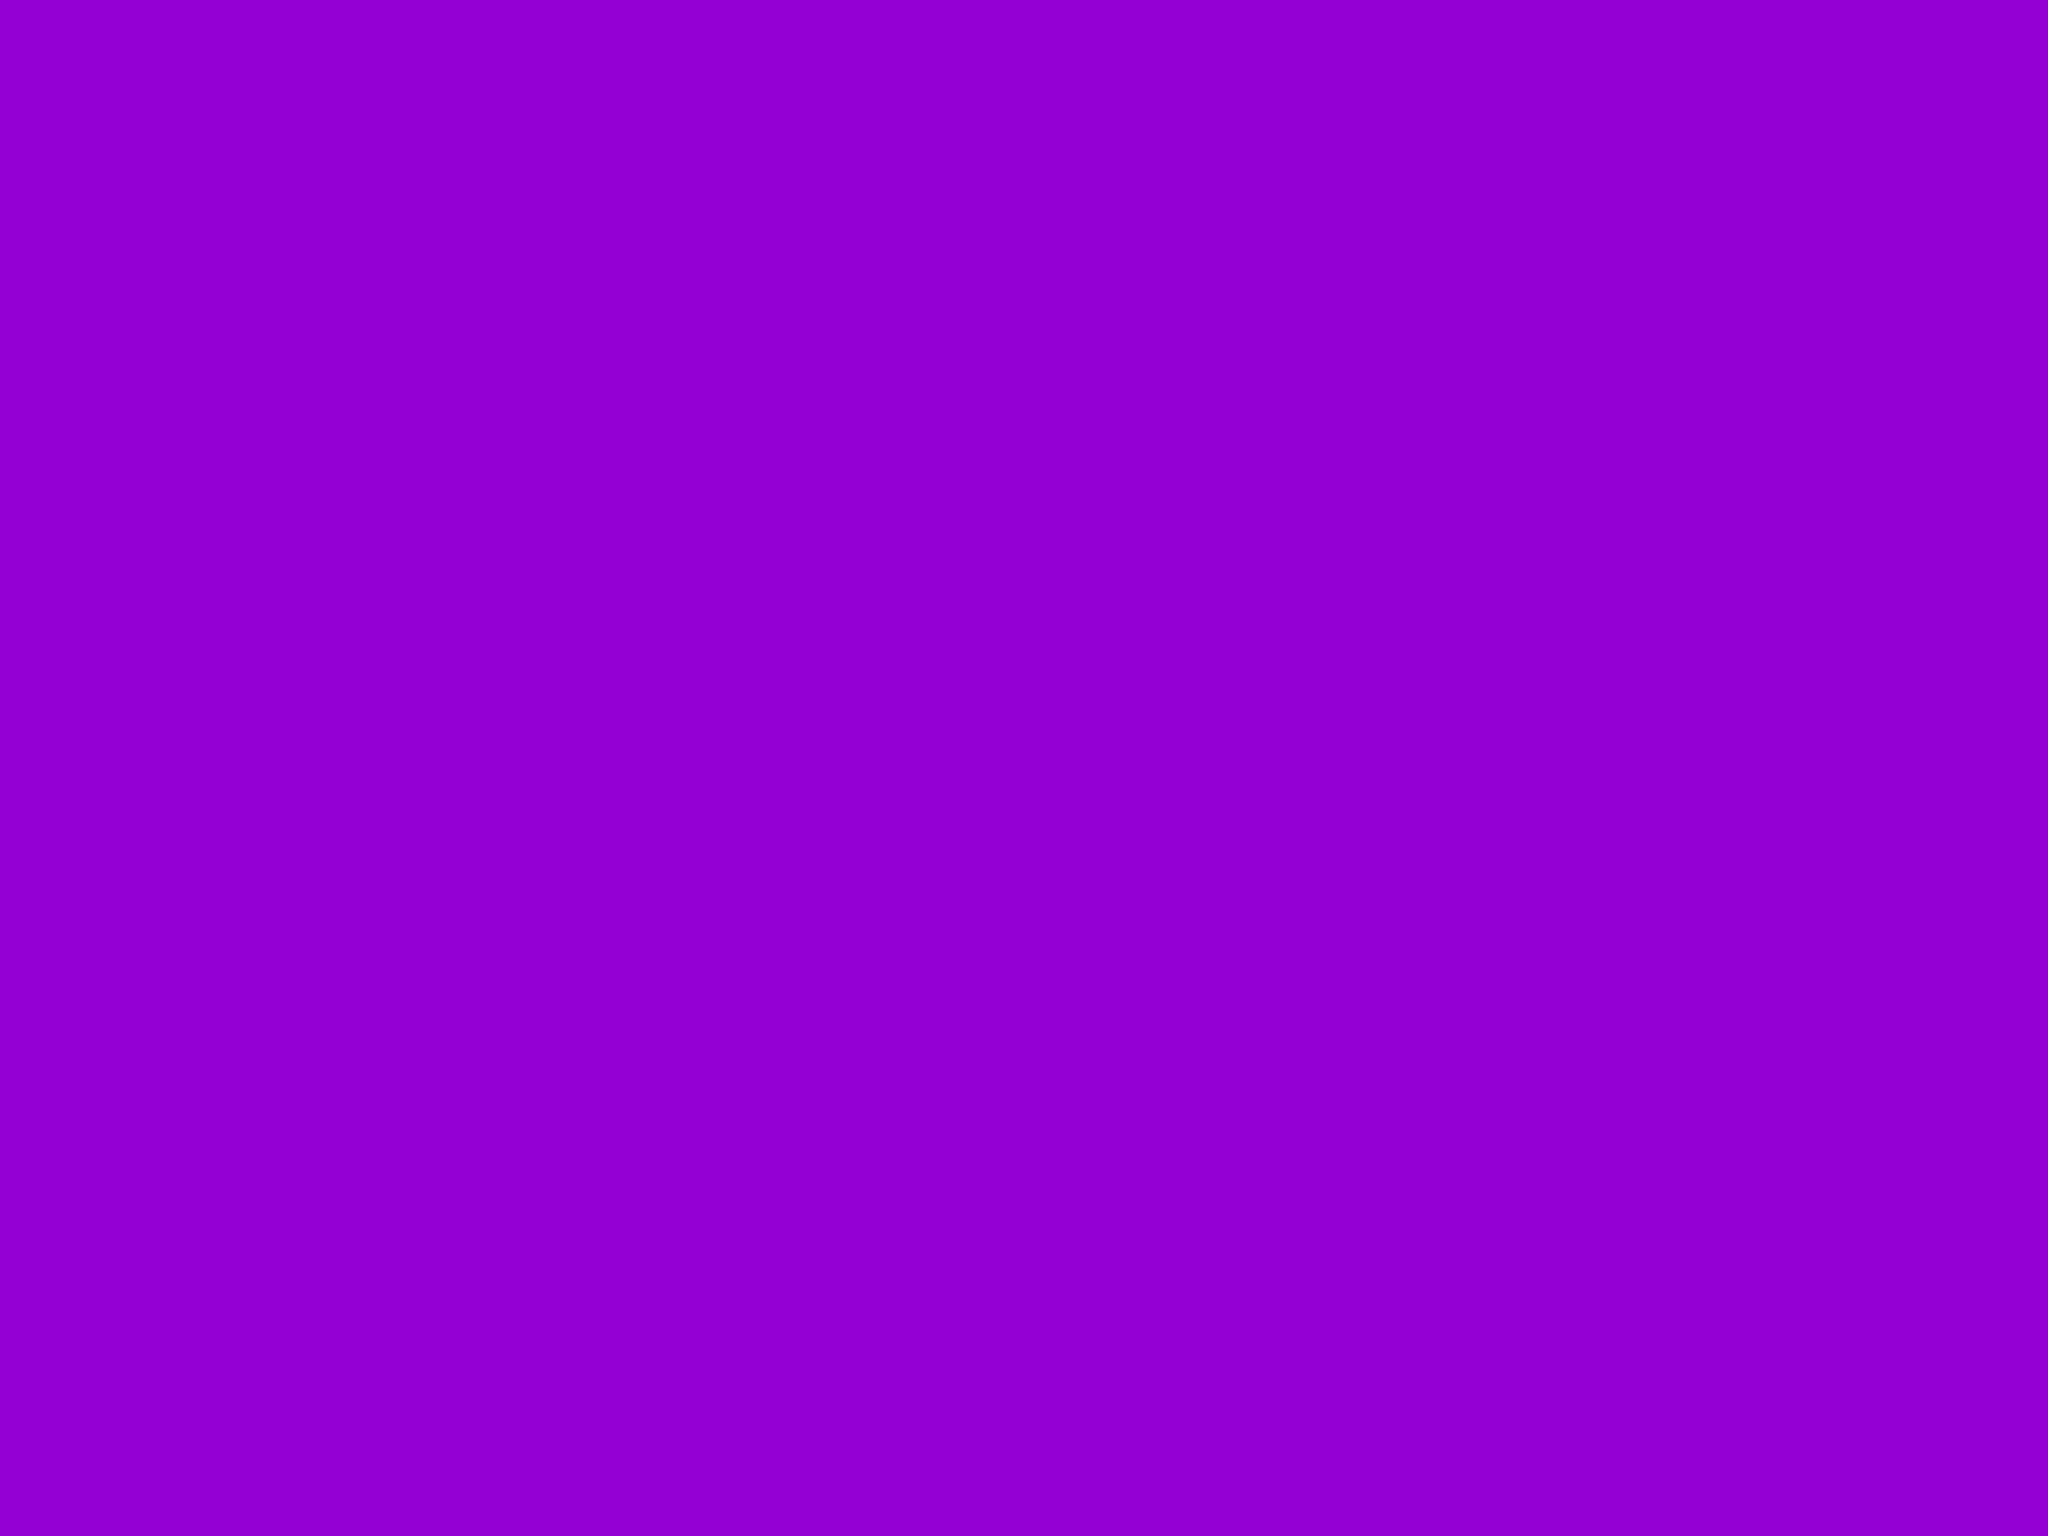 2048x1536 Dark Violet Solid Color Background